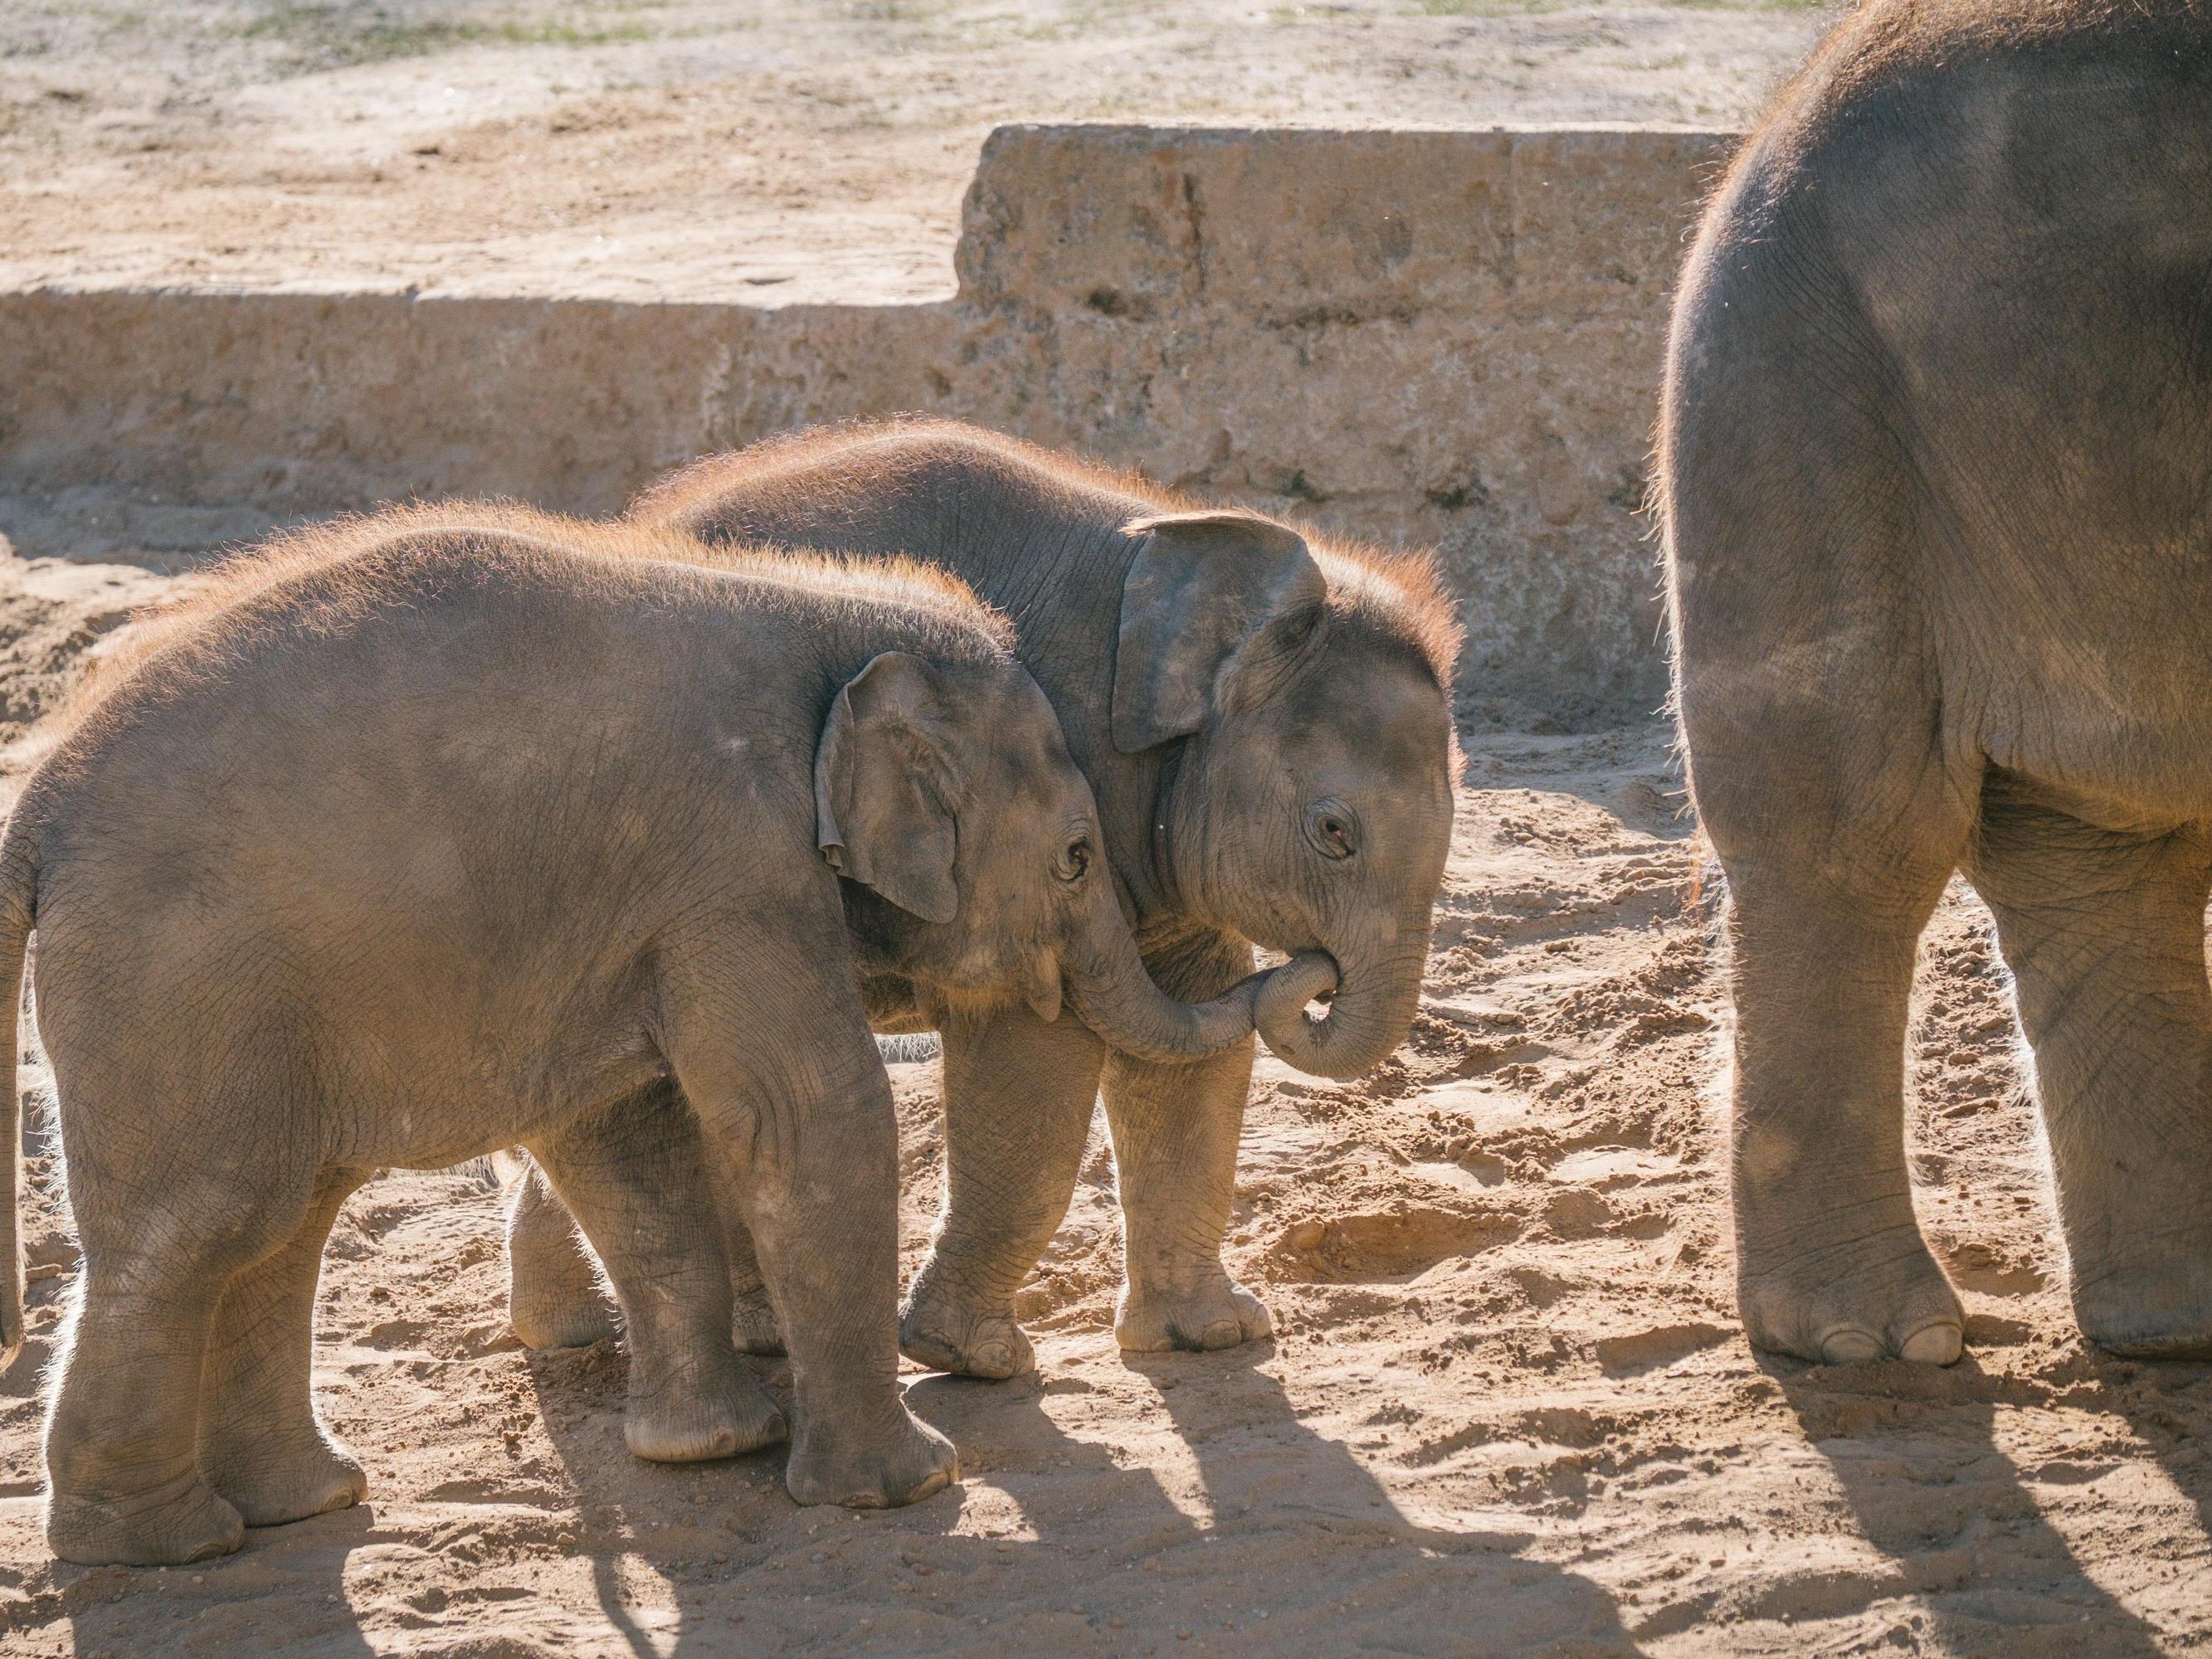 Elefantenbabys im Zoo Hannover. Peta wirft den Pflegern des Tierparks vor, sie würden die Elefanten bei der Dressur quälen.